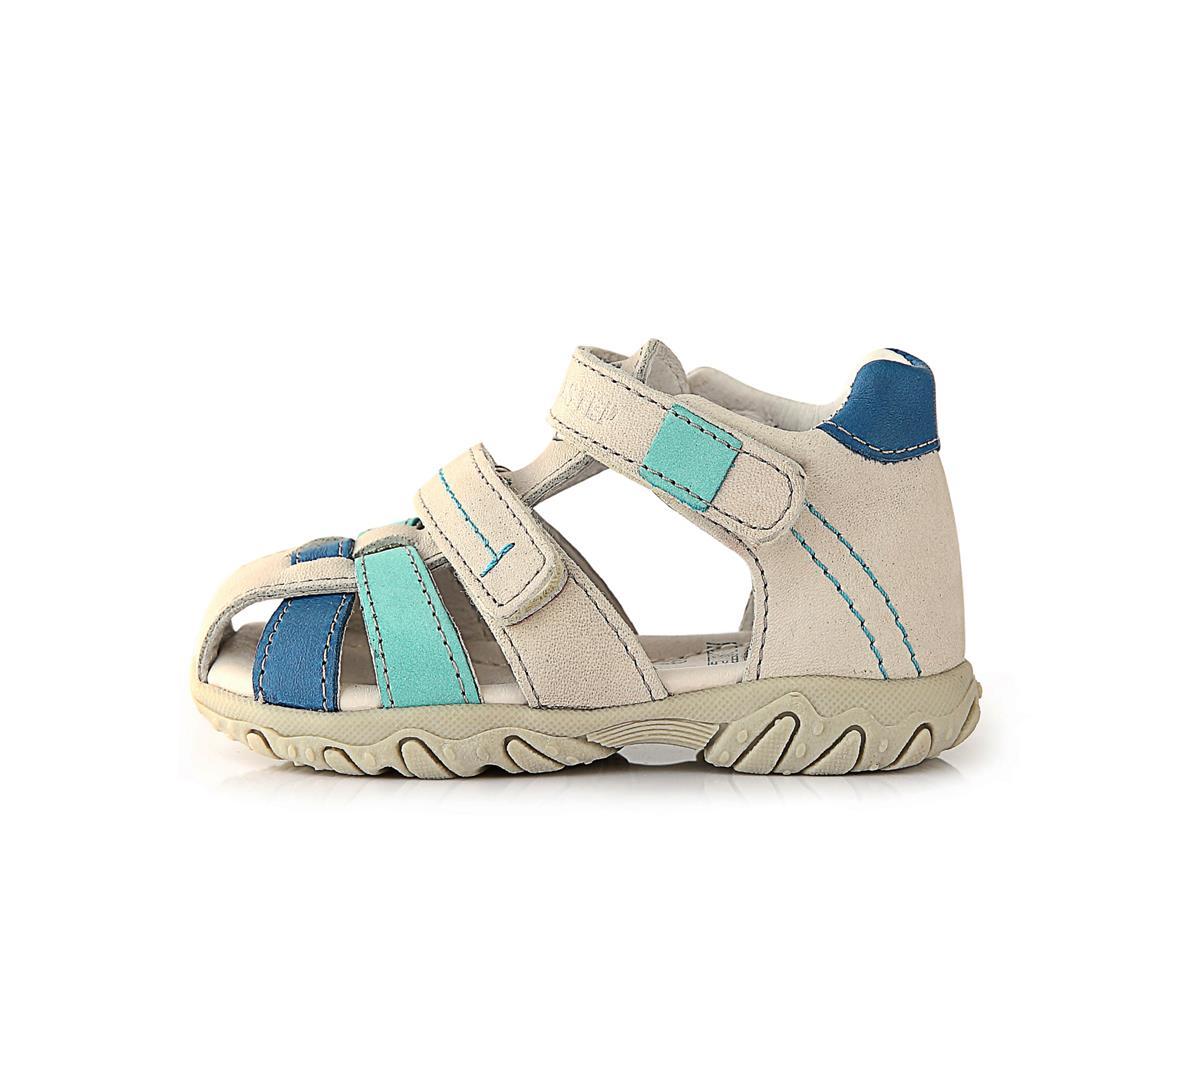 50a40521a358 Chlapecké sandály D.D.Step AC625-22-vel.21